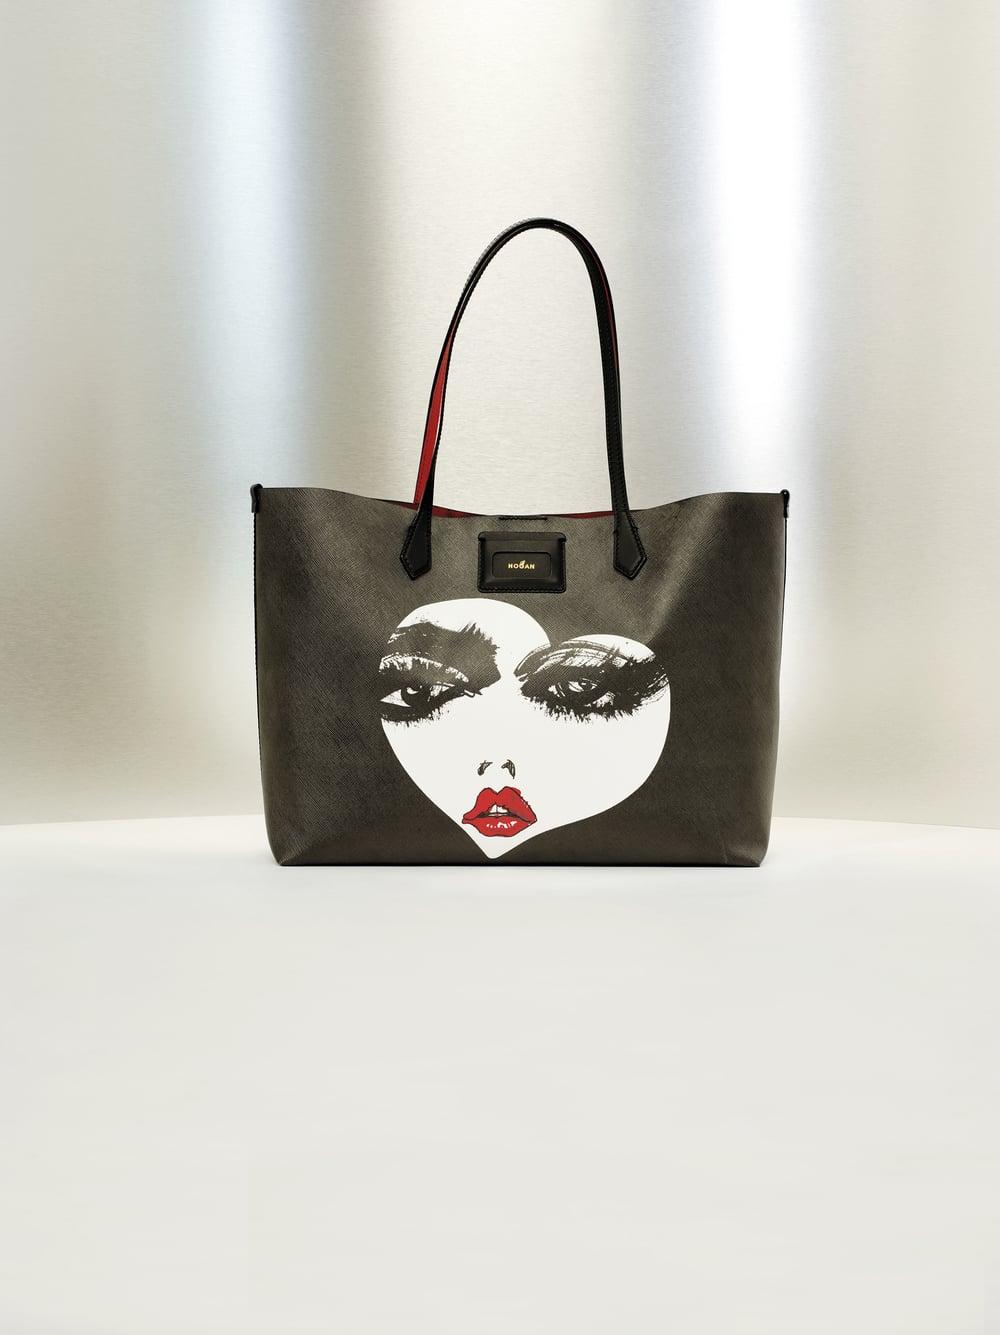 027_Shopping_Bag.jpg